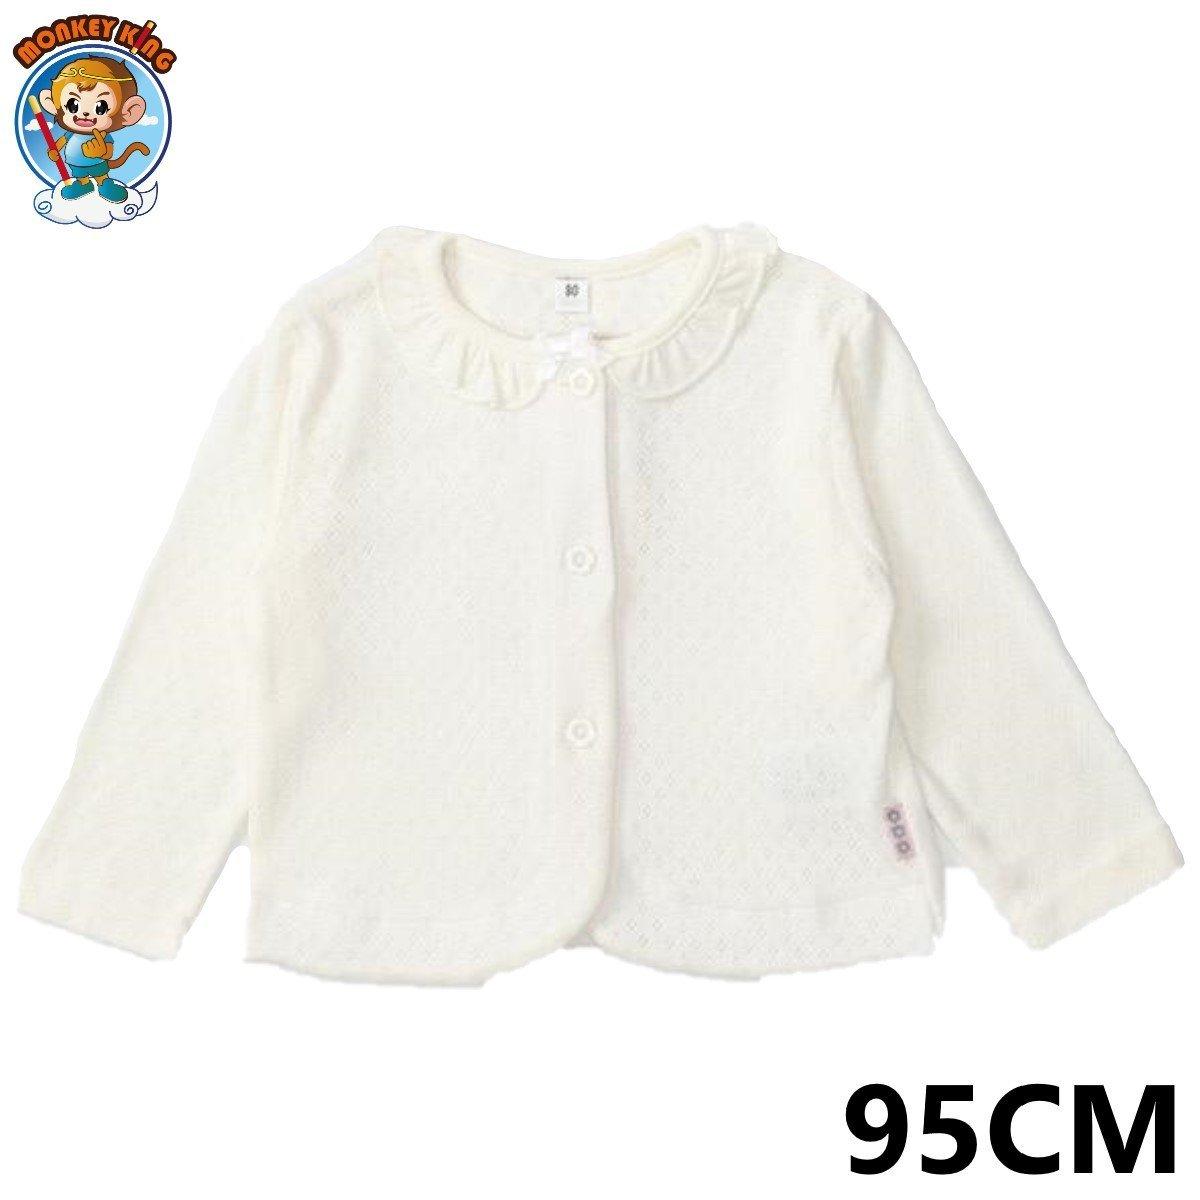 Princess Style Coat/Jacket (95CM) - White